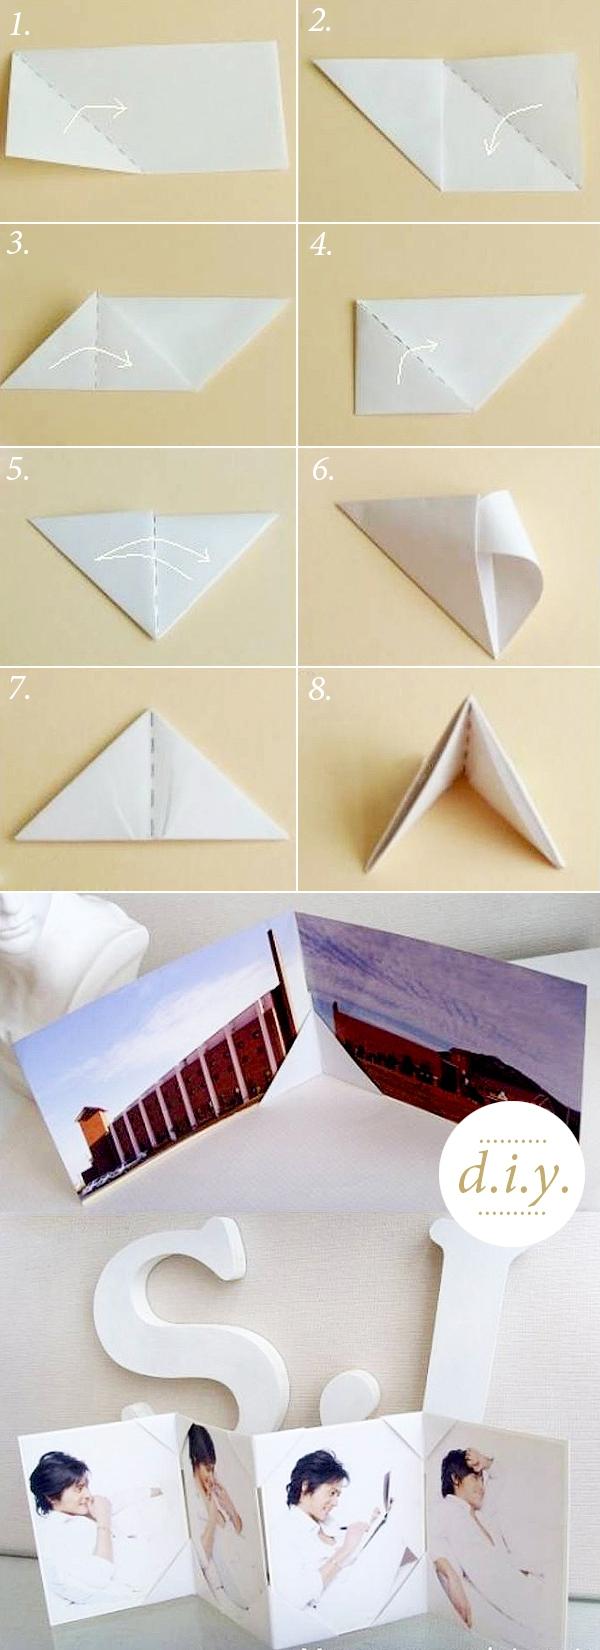 Học nhanh 2 cách gấp khung ảnh giấy 1